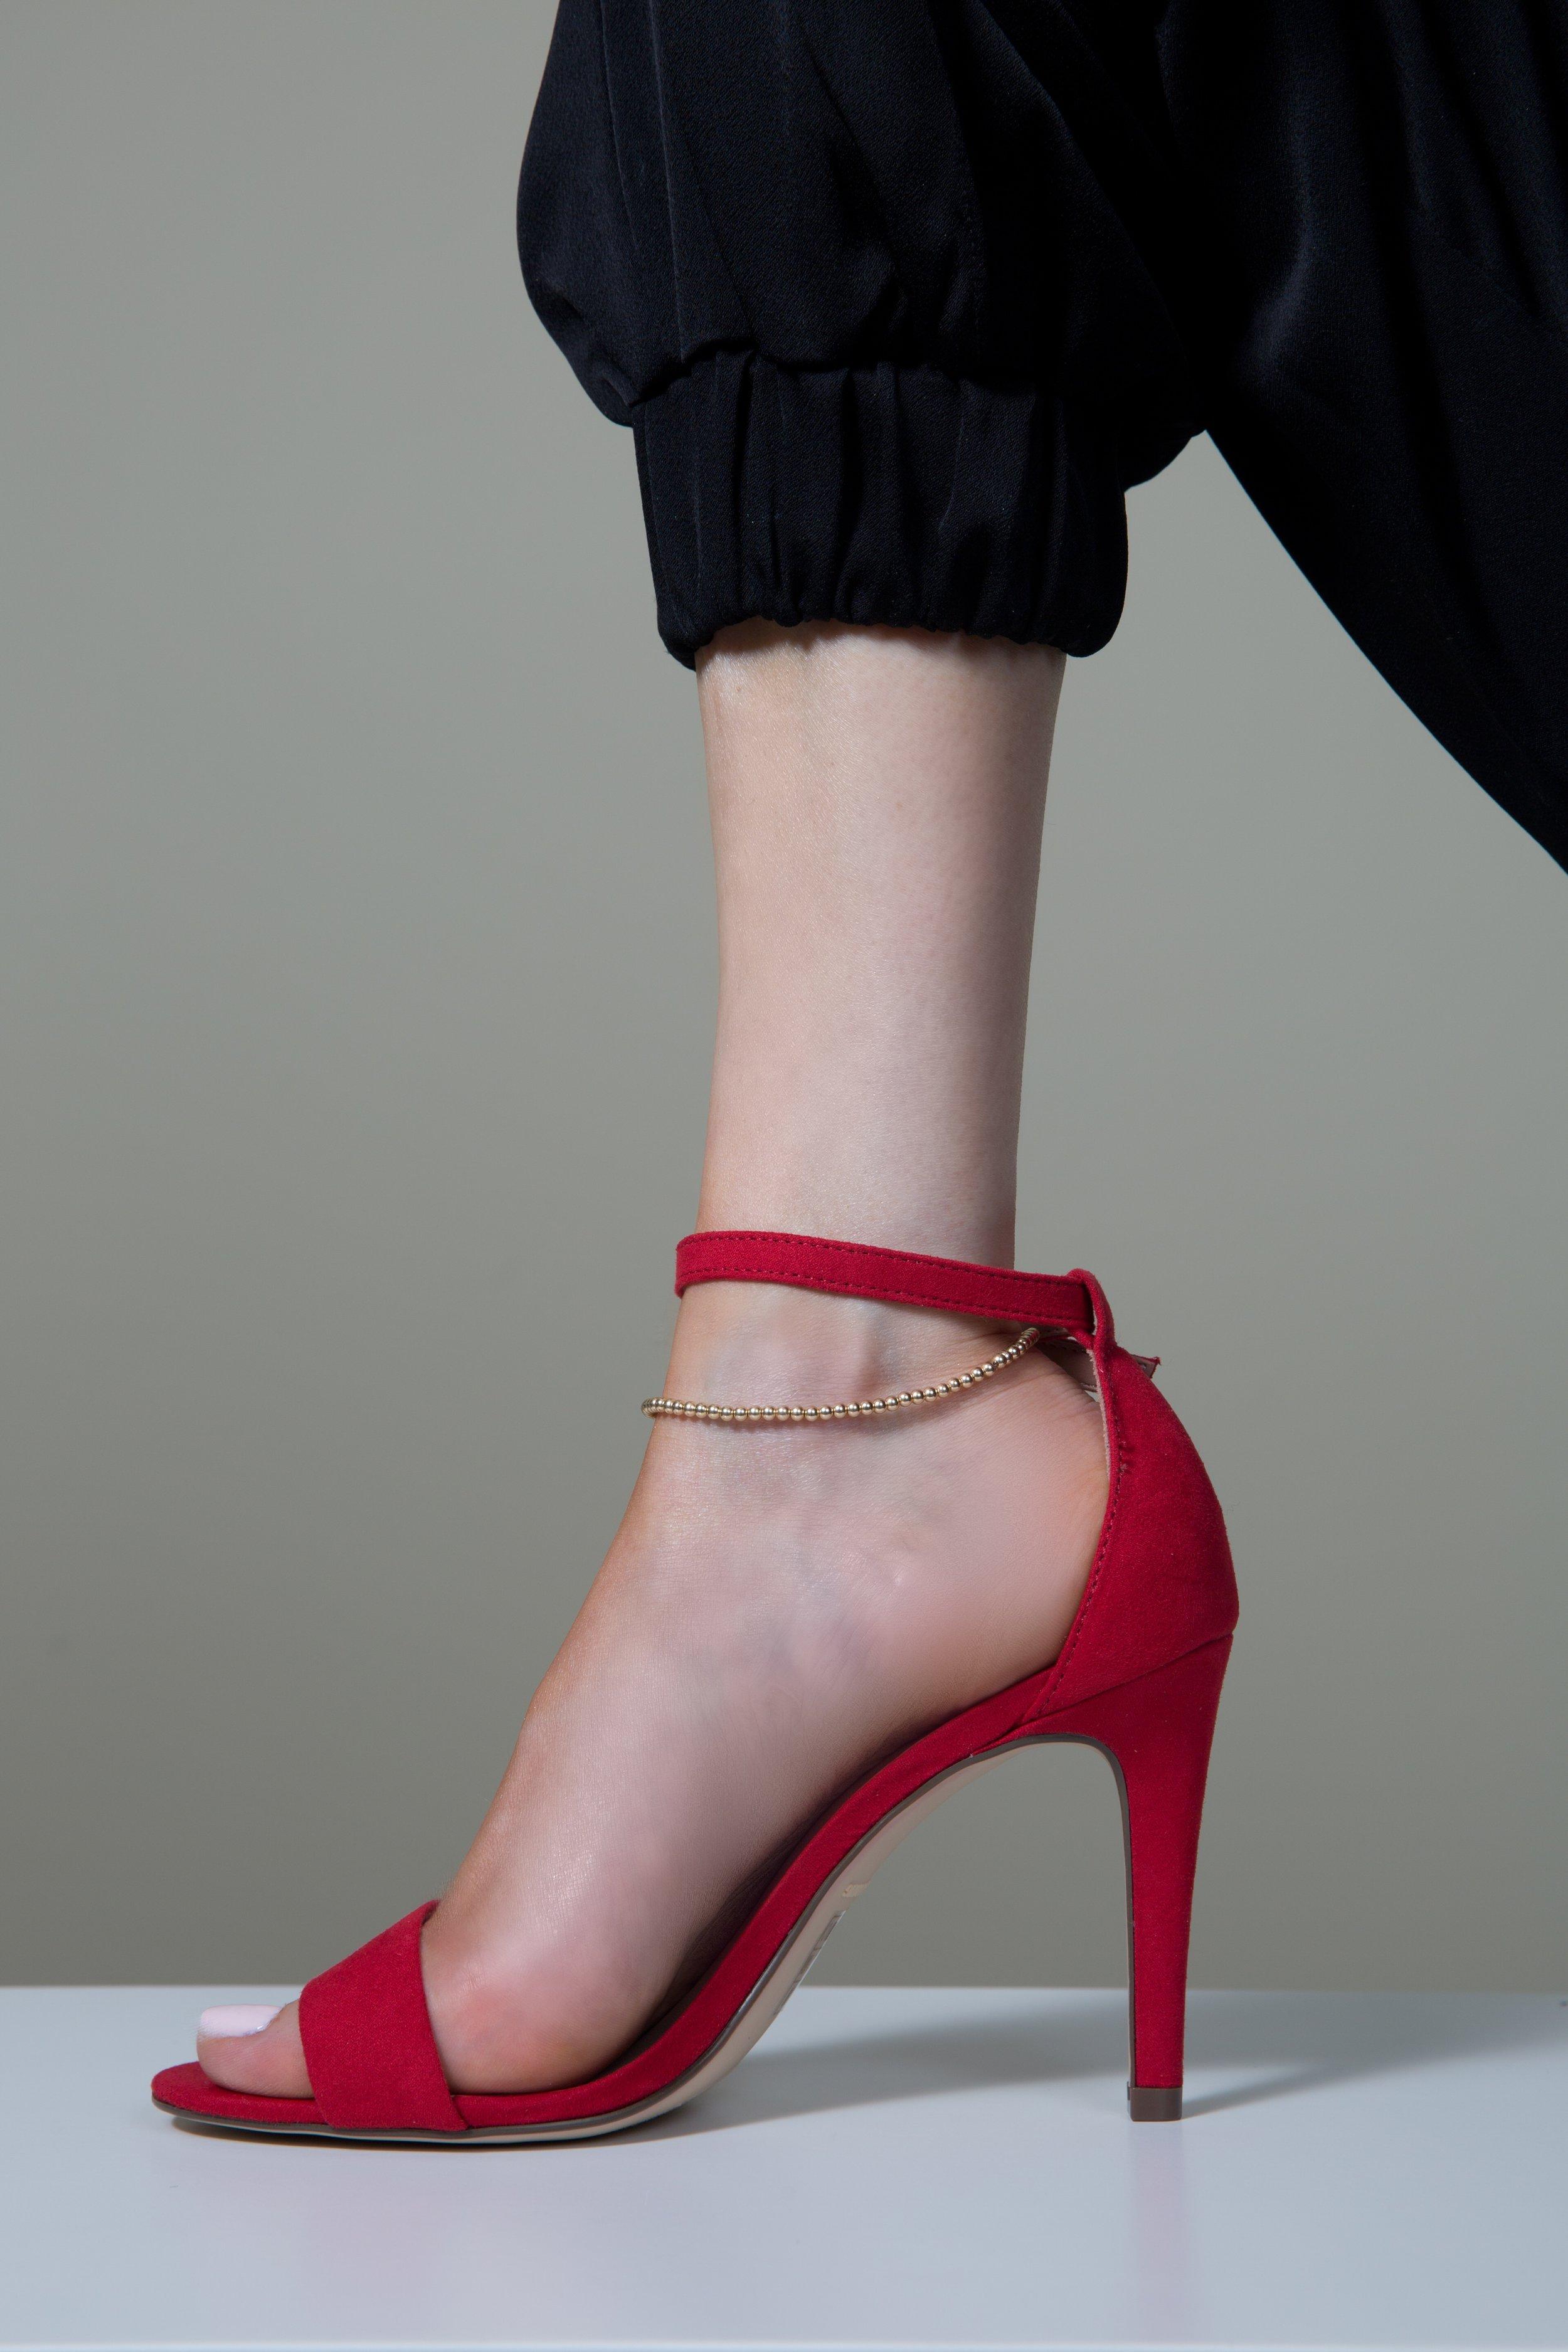 - anklets